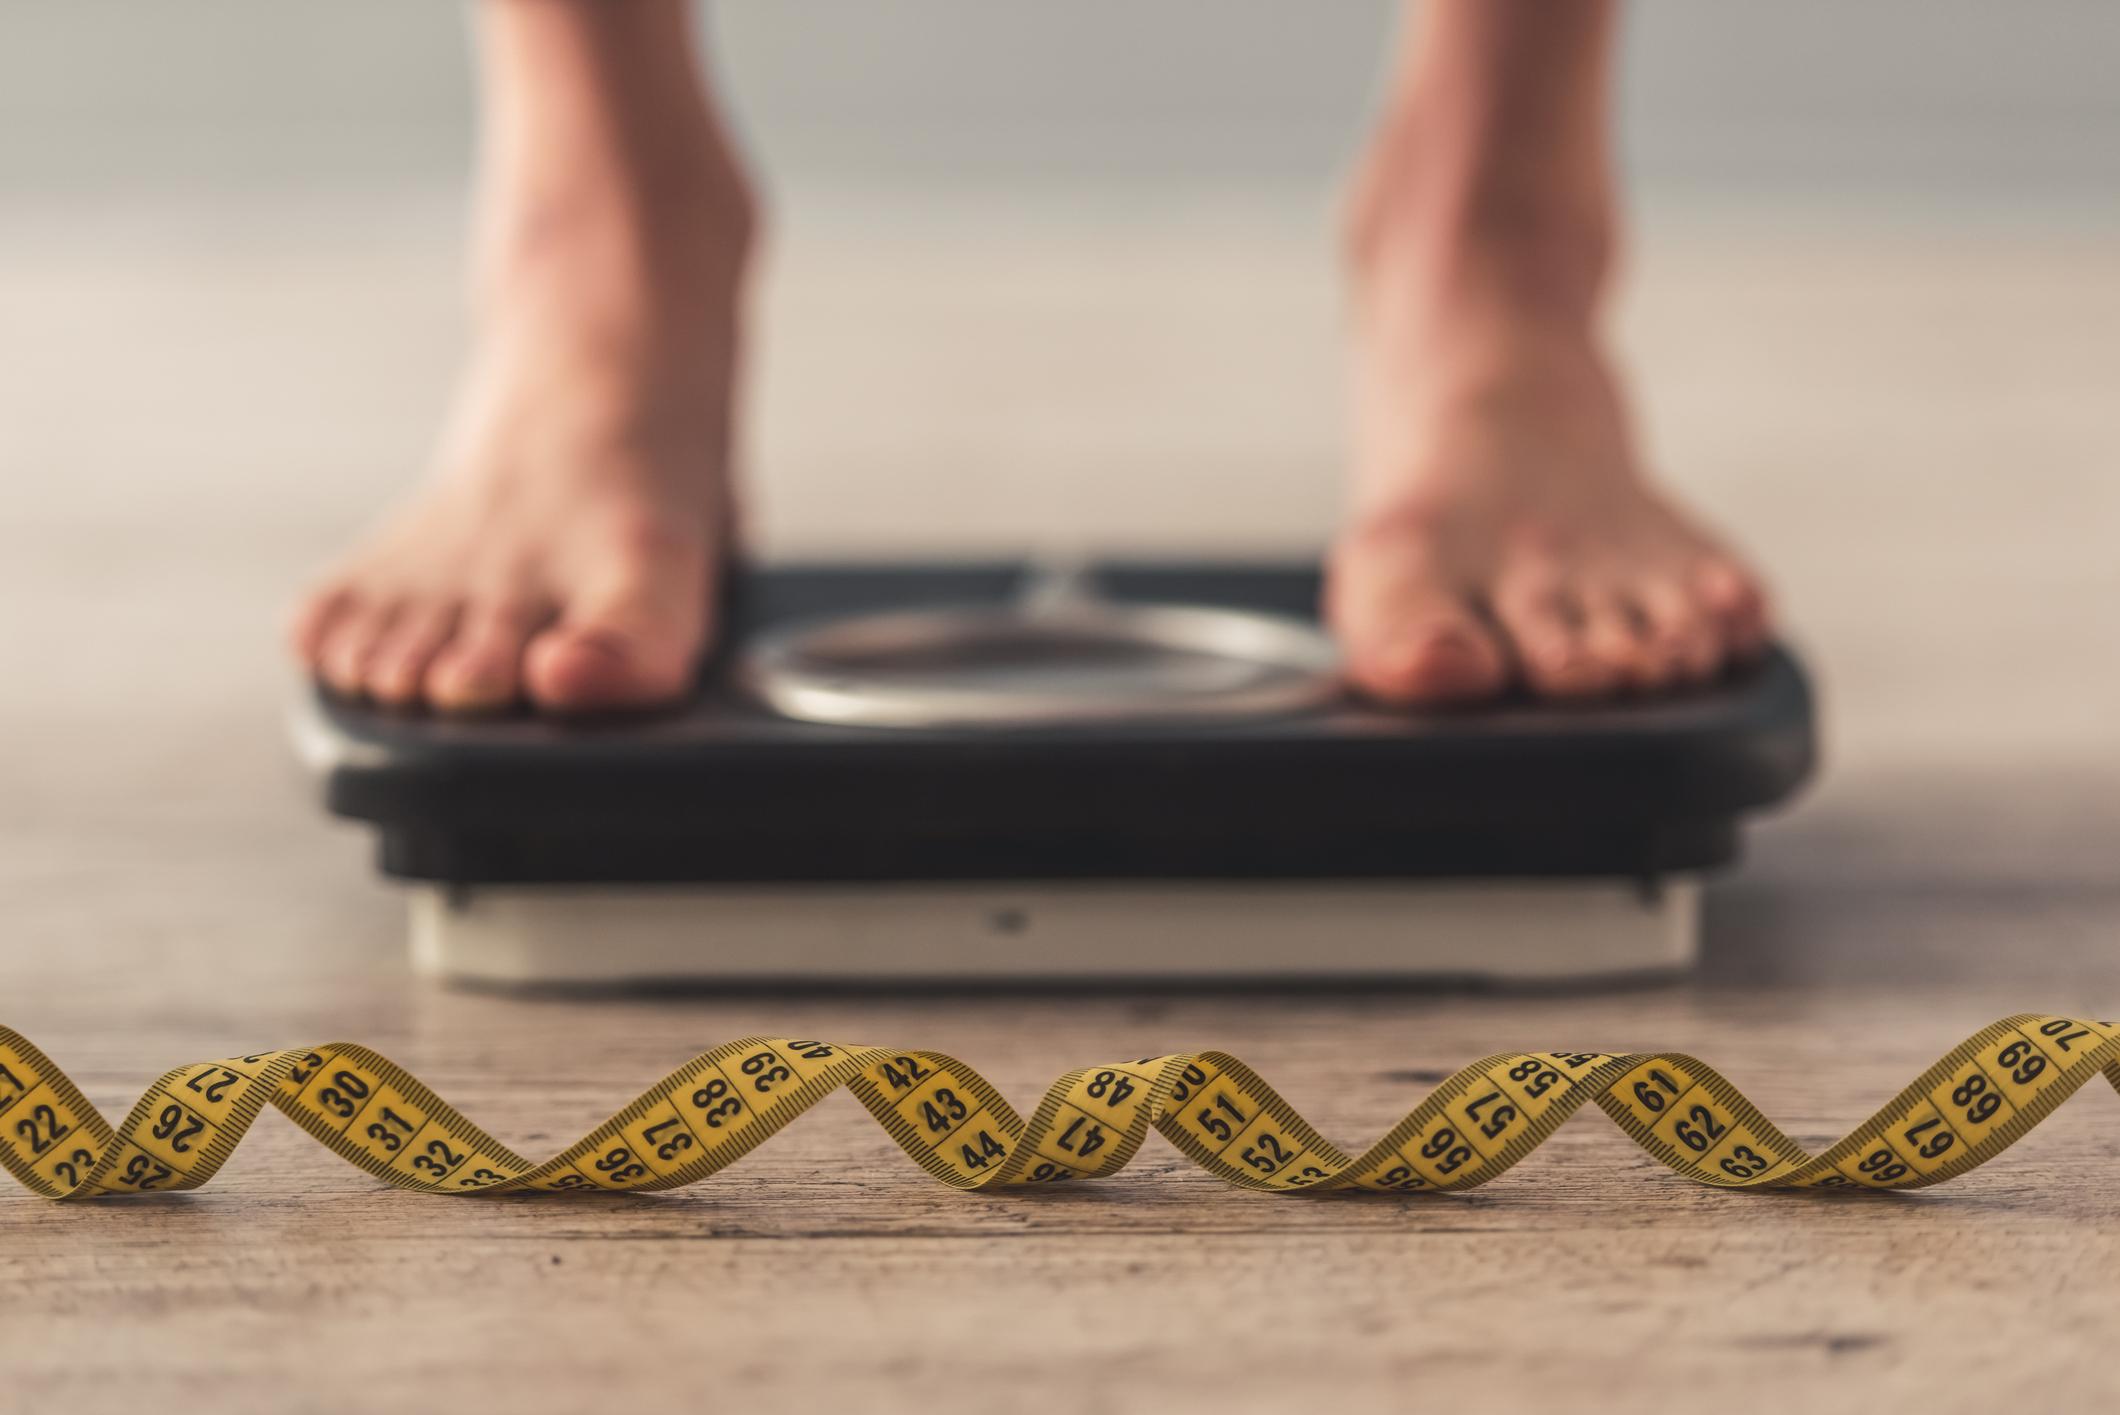 lahey peabody pentru pierderea în greutate